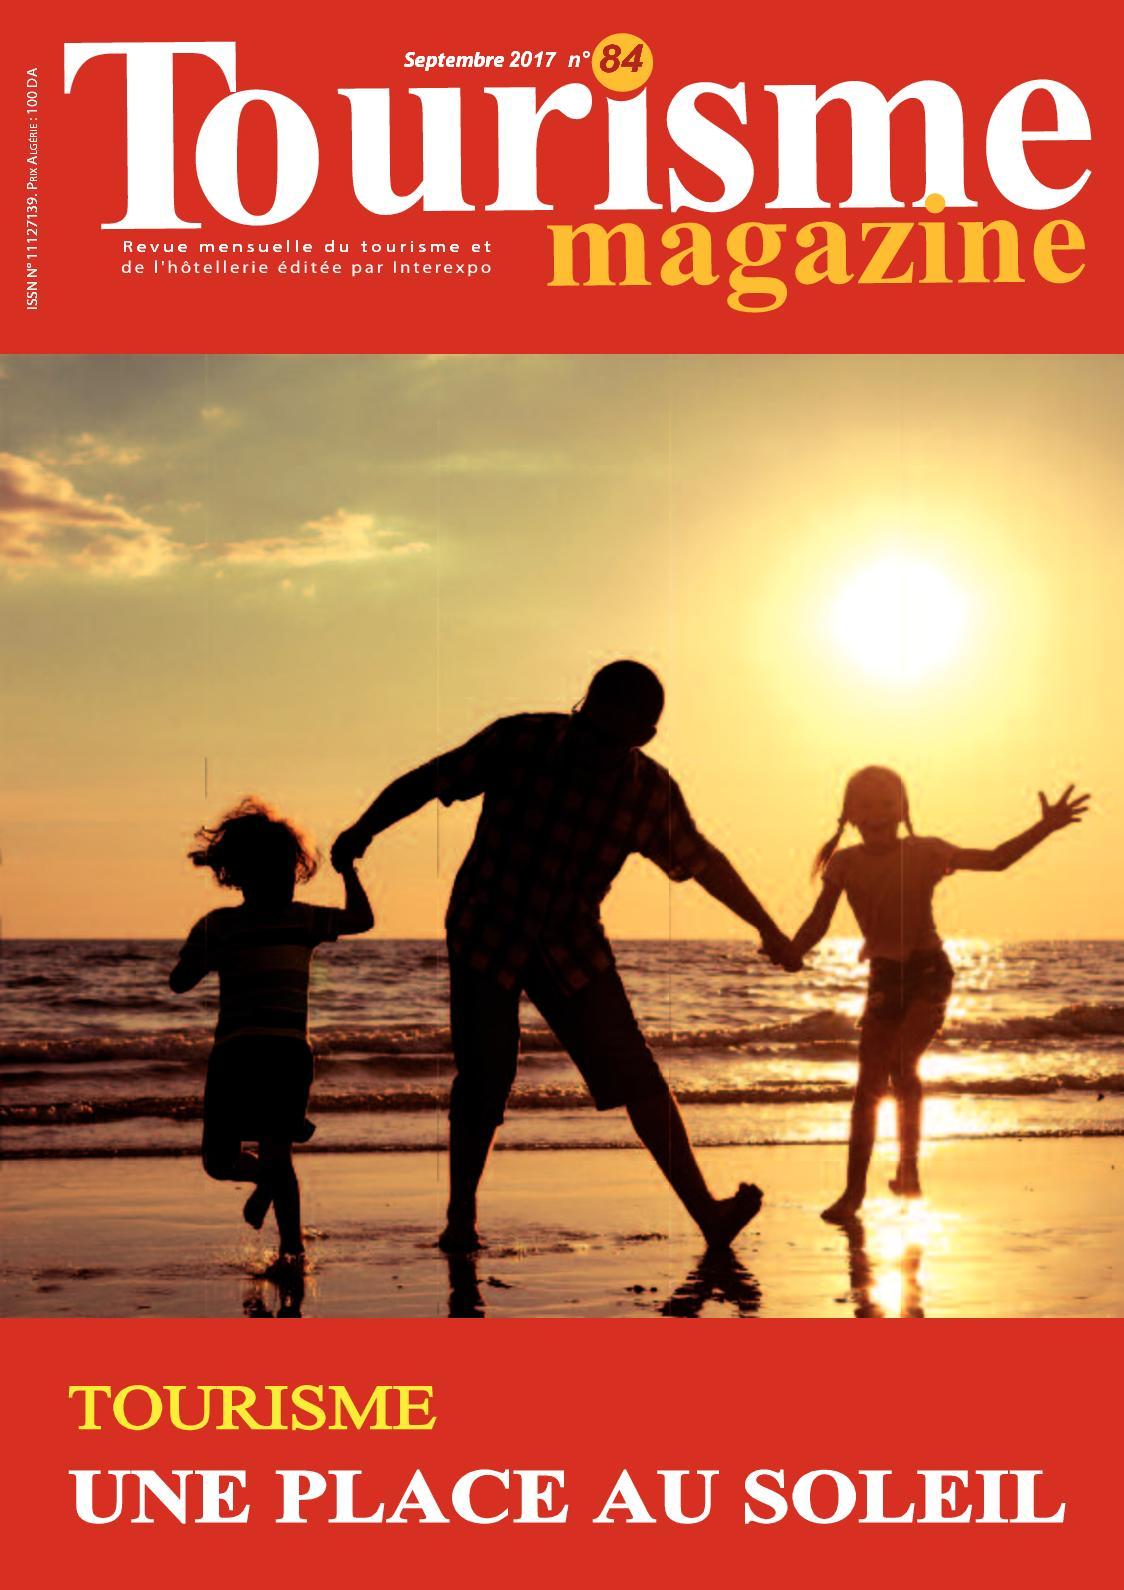 Tourisme magazine N° 84